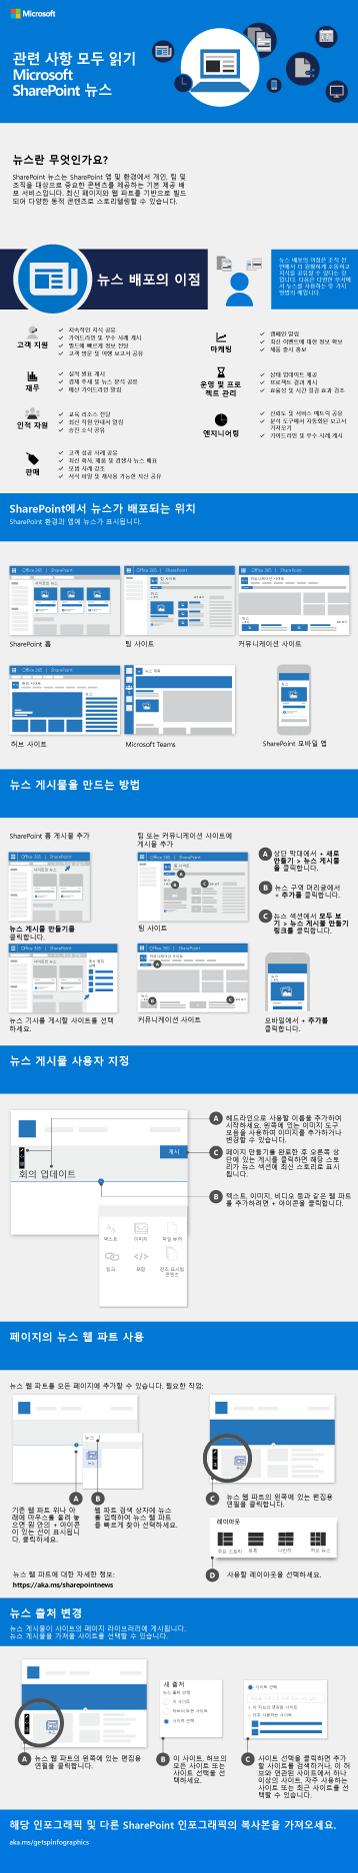 SharePoint 뉴스 인포그래픽